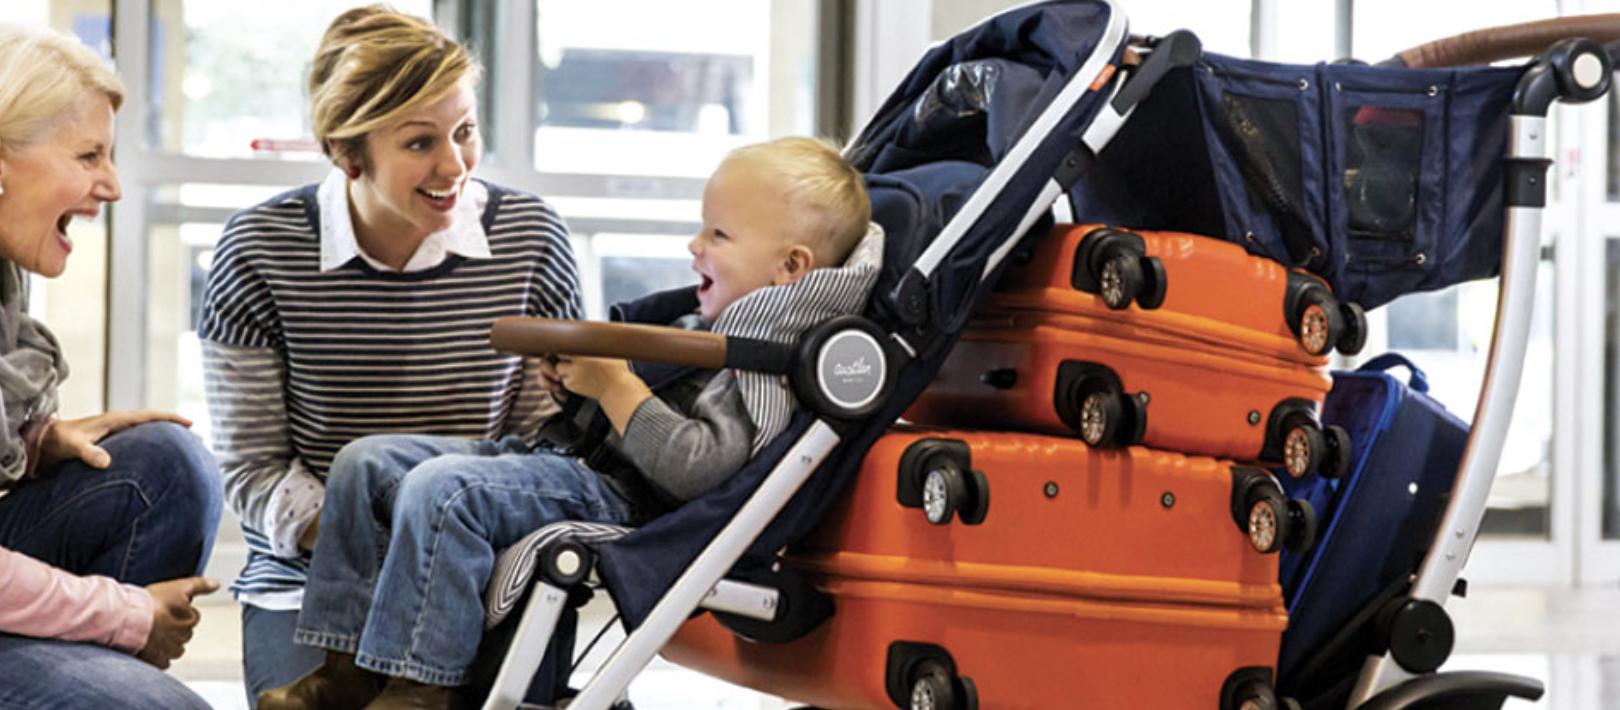 Austlen: Carrinho de bebê que cresce e carrega muita coisa